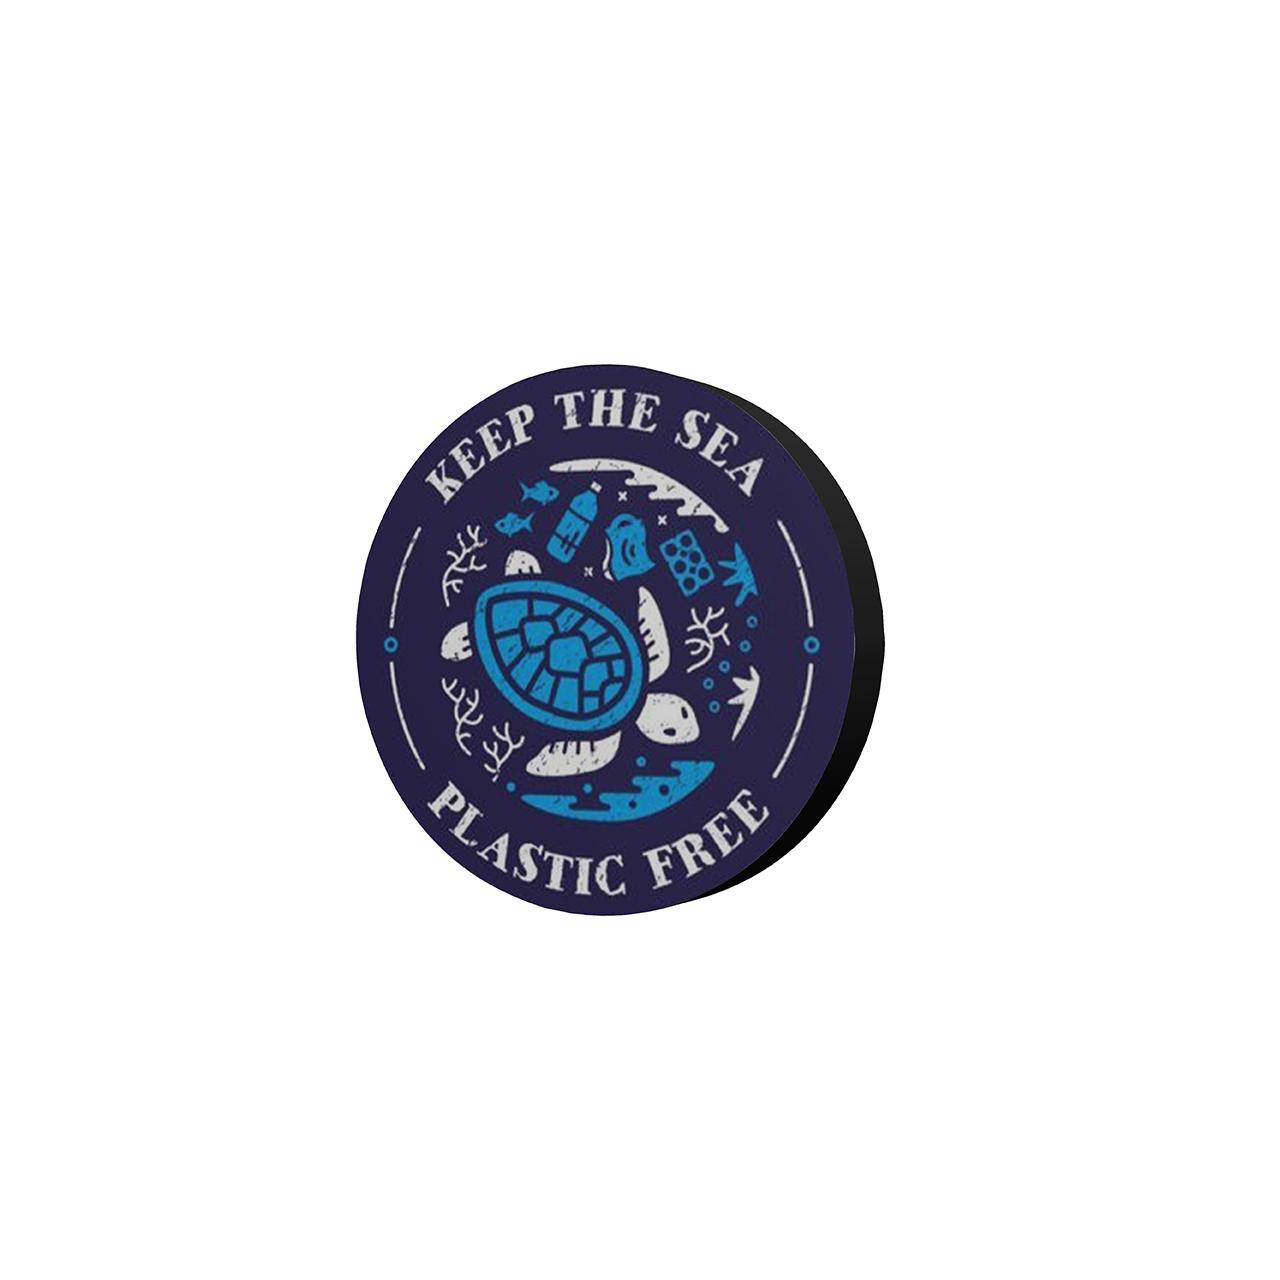 خرید اینترنتی استیکر طرح Keep The See کد 220 اورجینال